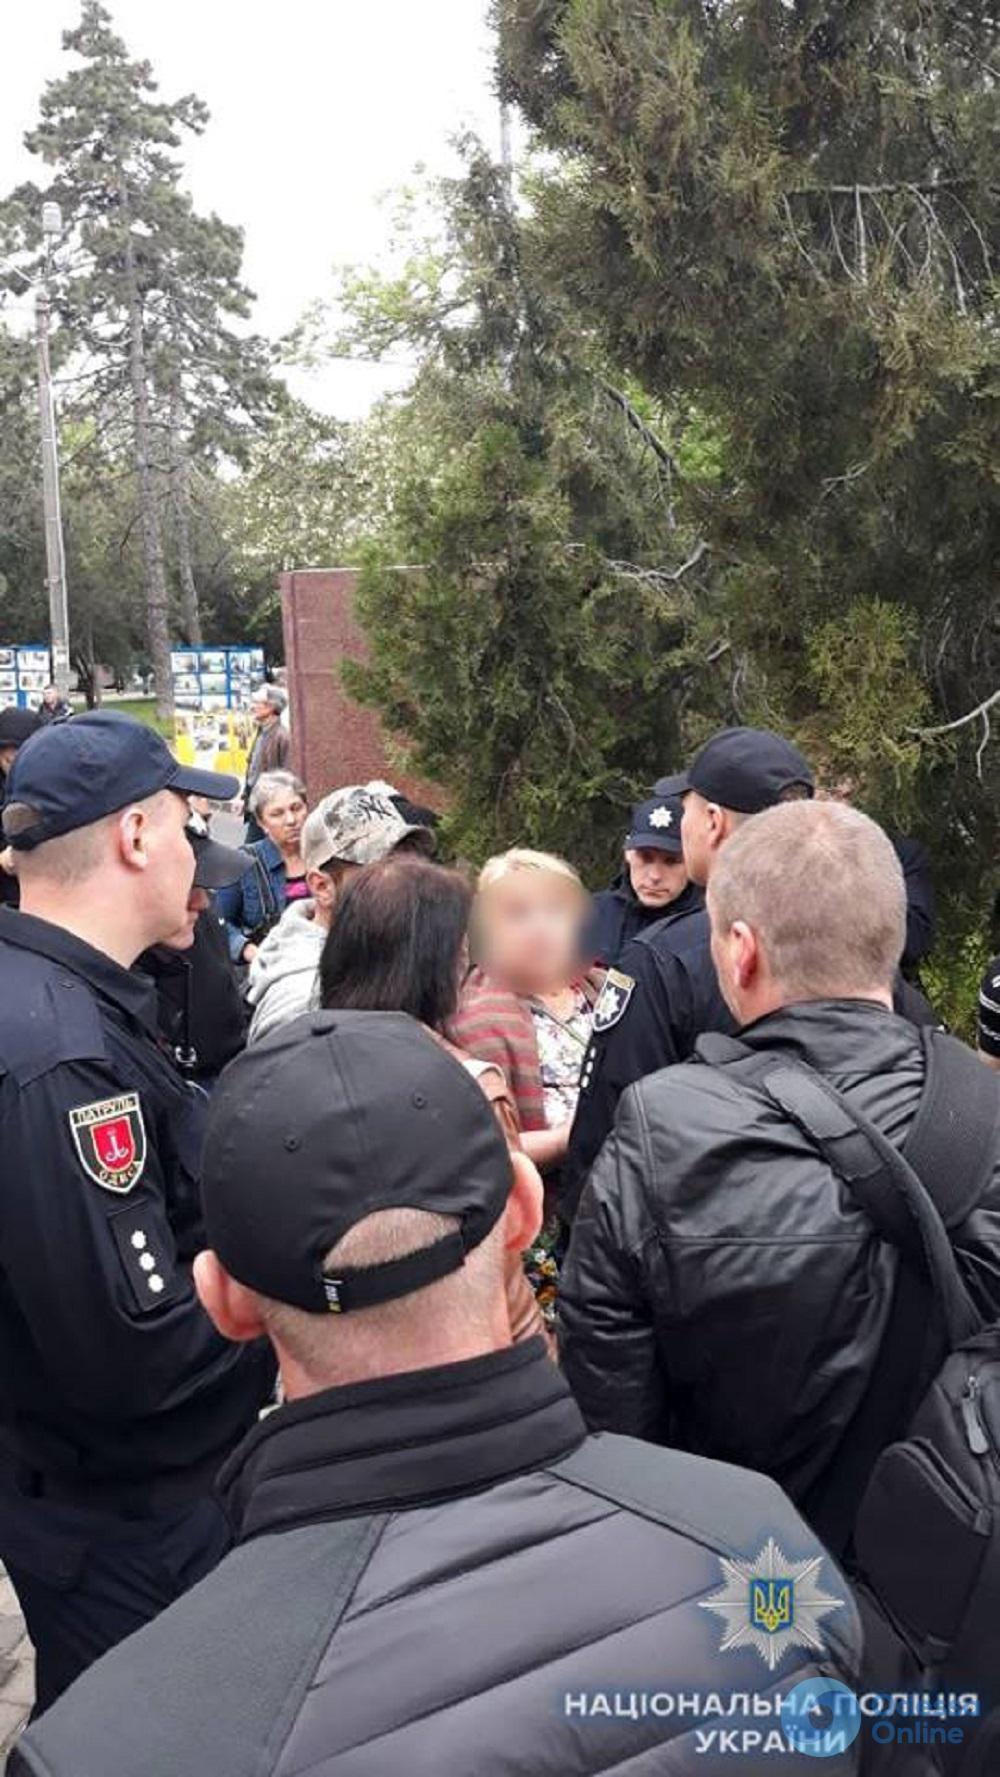 В Одессе обнаружили двух человек с запрещенными георгиевскими ленточками